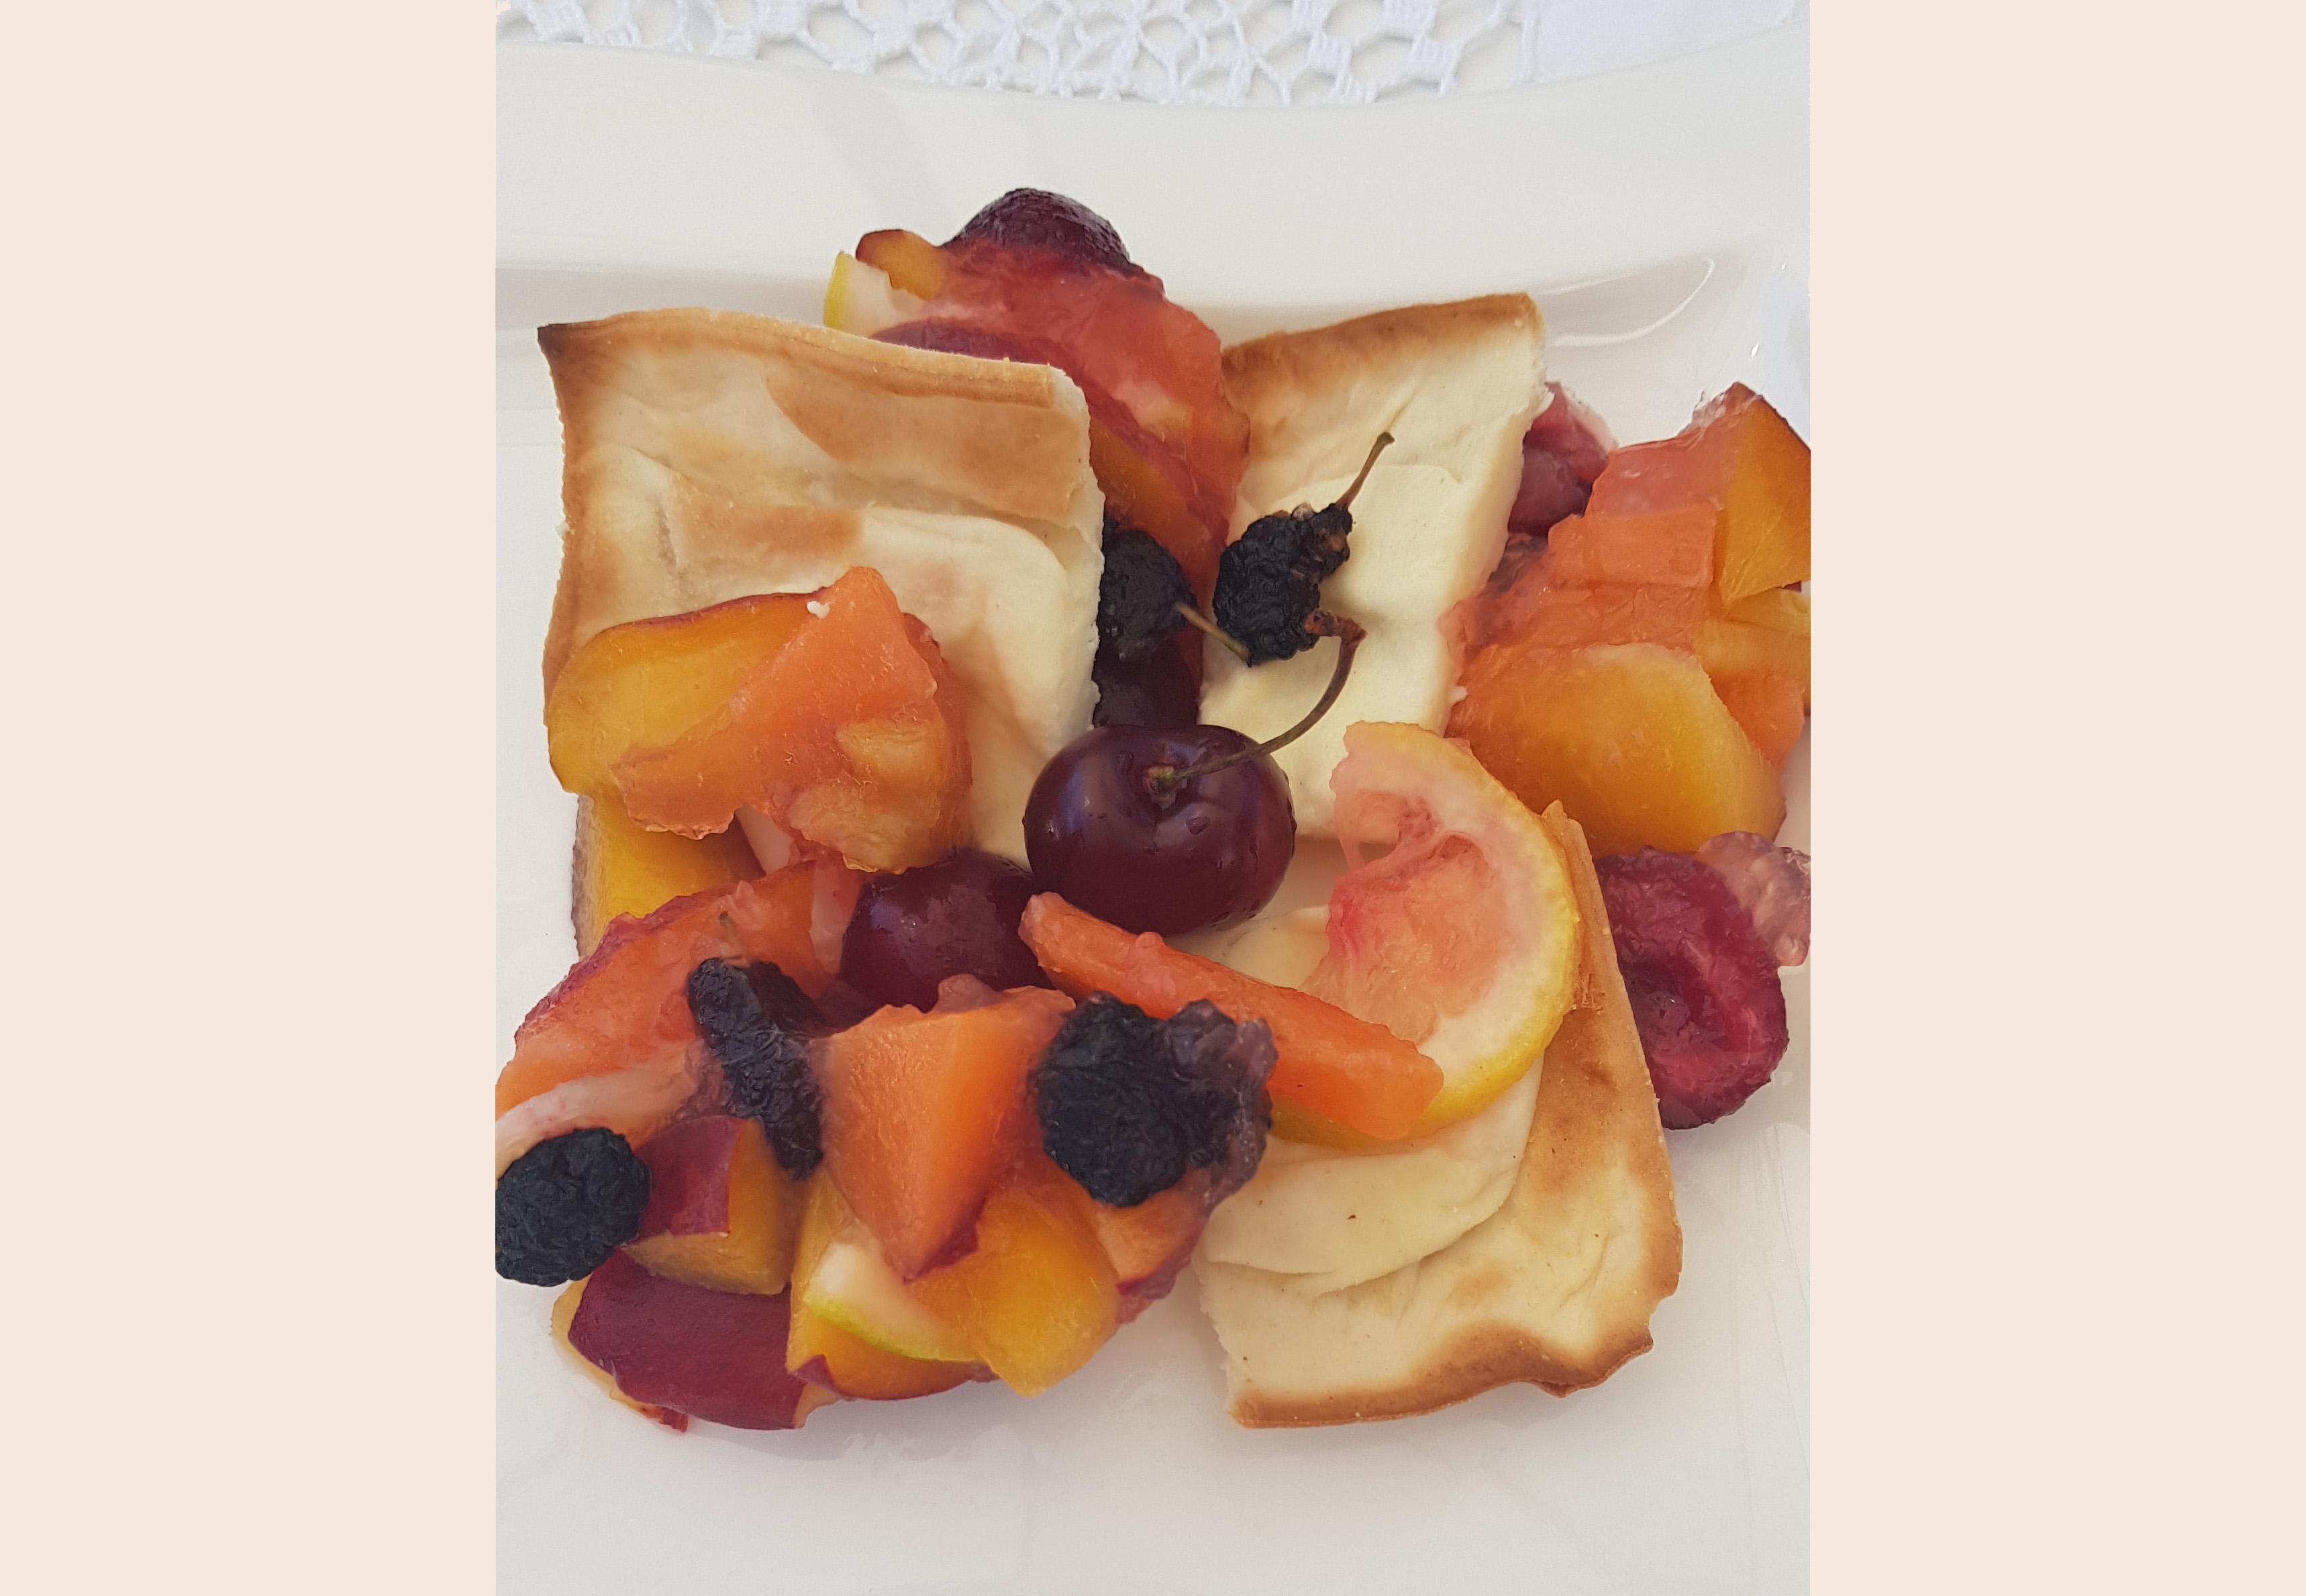 Focaccia col formaggio con frutta gelee - Tossini Recco